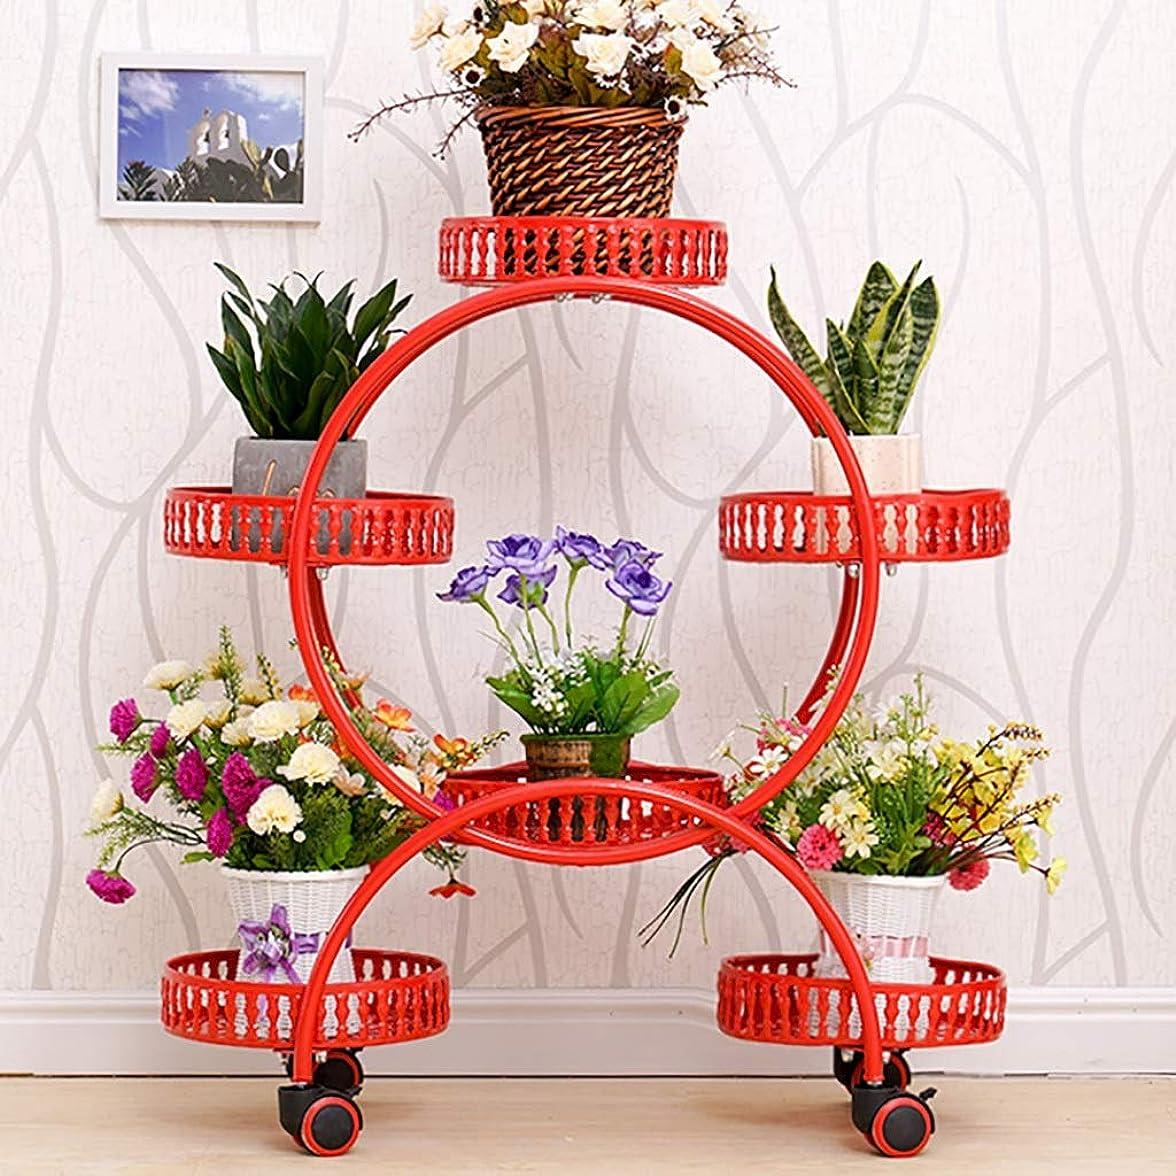 母性前提治安判事フラワースタンド 花の棚、屋内屋外の居間、バルコニーのオフィスまたは庭のための鉄の植木鉢の棚 (色 : D)